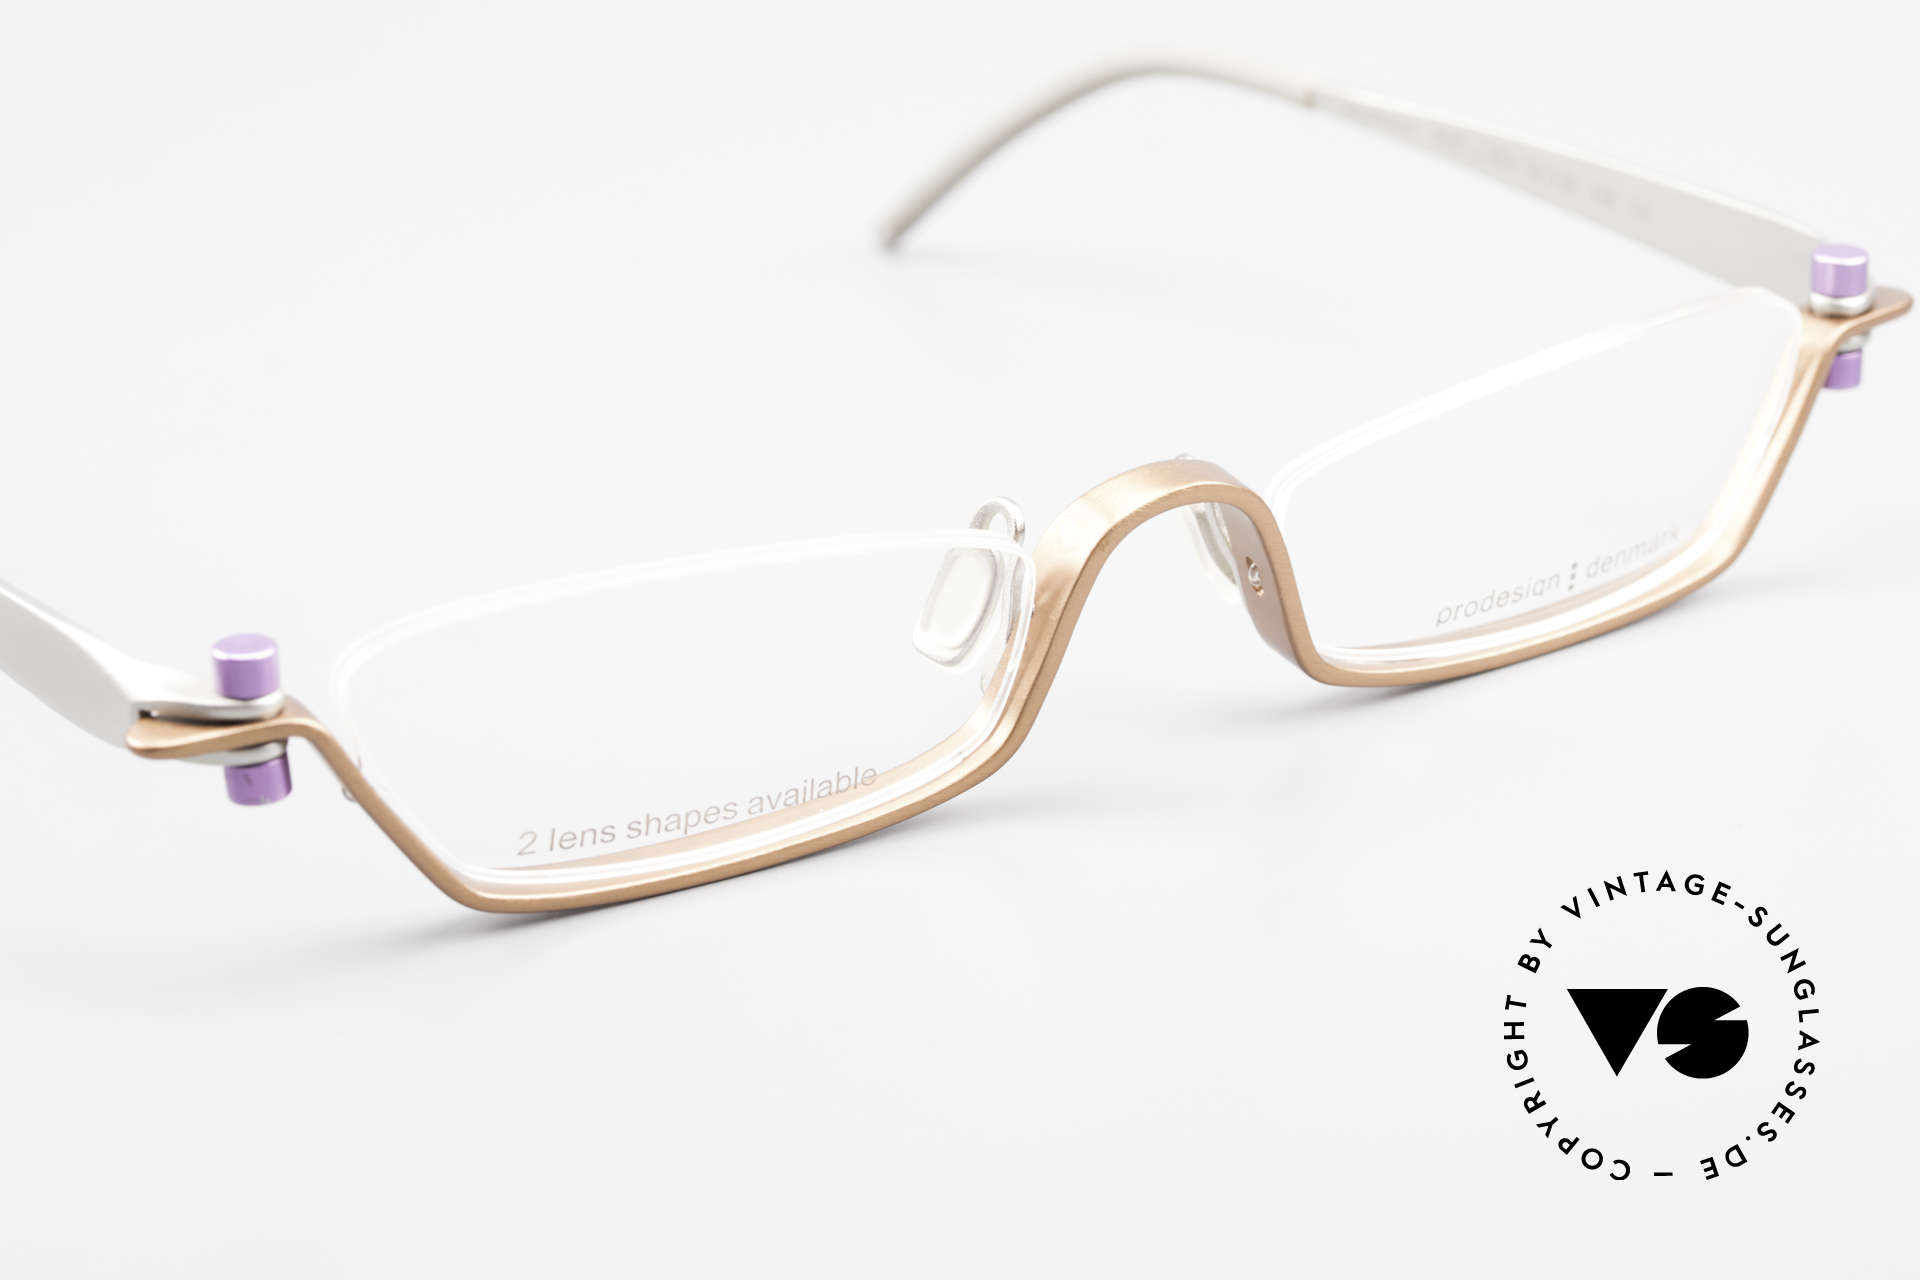 ProDesign 9901 Designer Brille Gail Spence, grandioses Einzelstück; nicht nur für Filmliebhaber, Passend für Herren und Damen